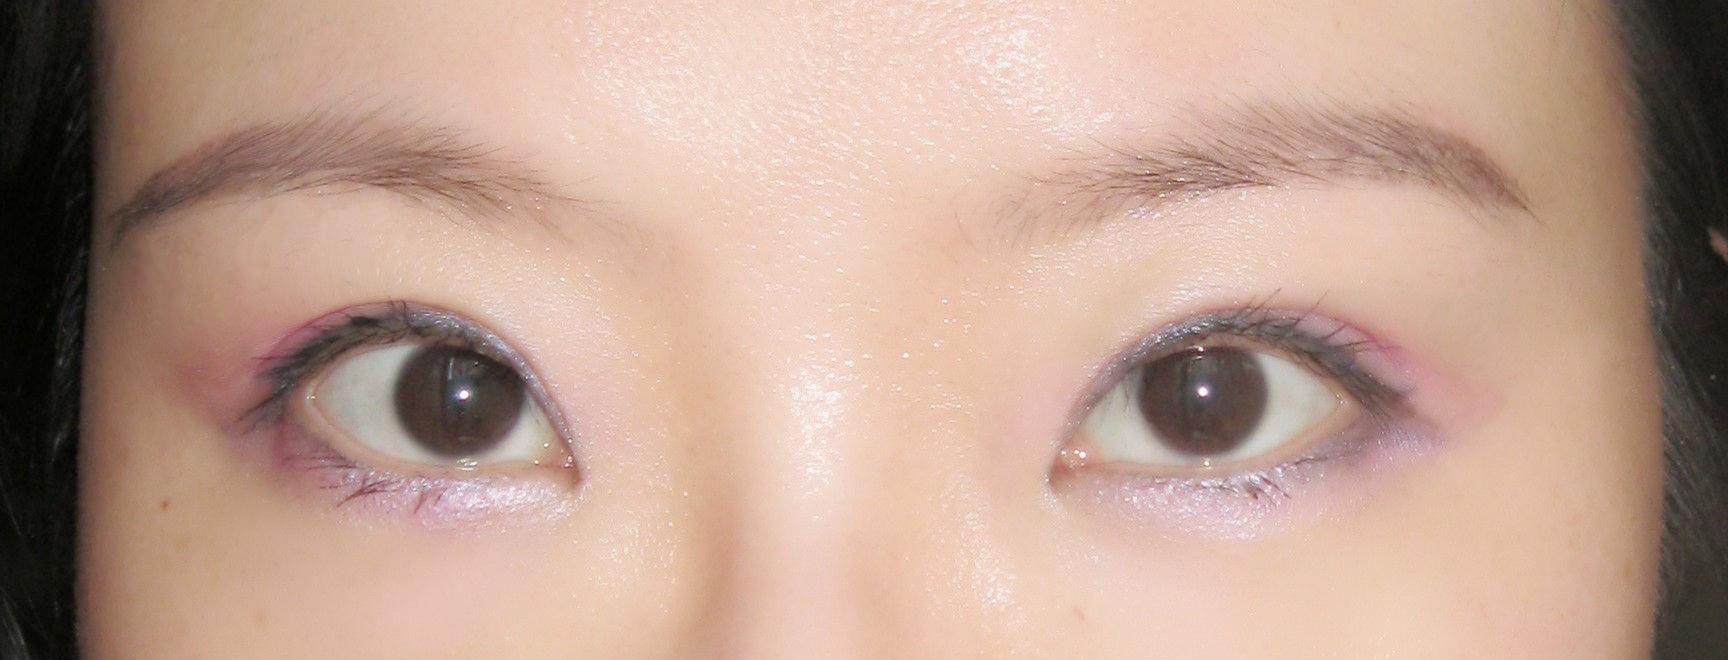 涂上睫毛膏,眉毛化成了弯弯柳叶眉,眼妆就完成了